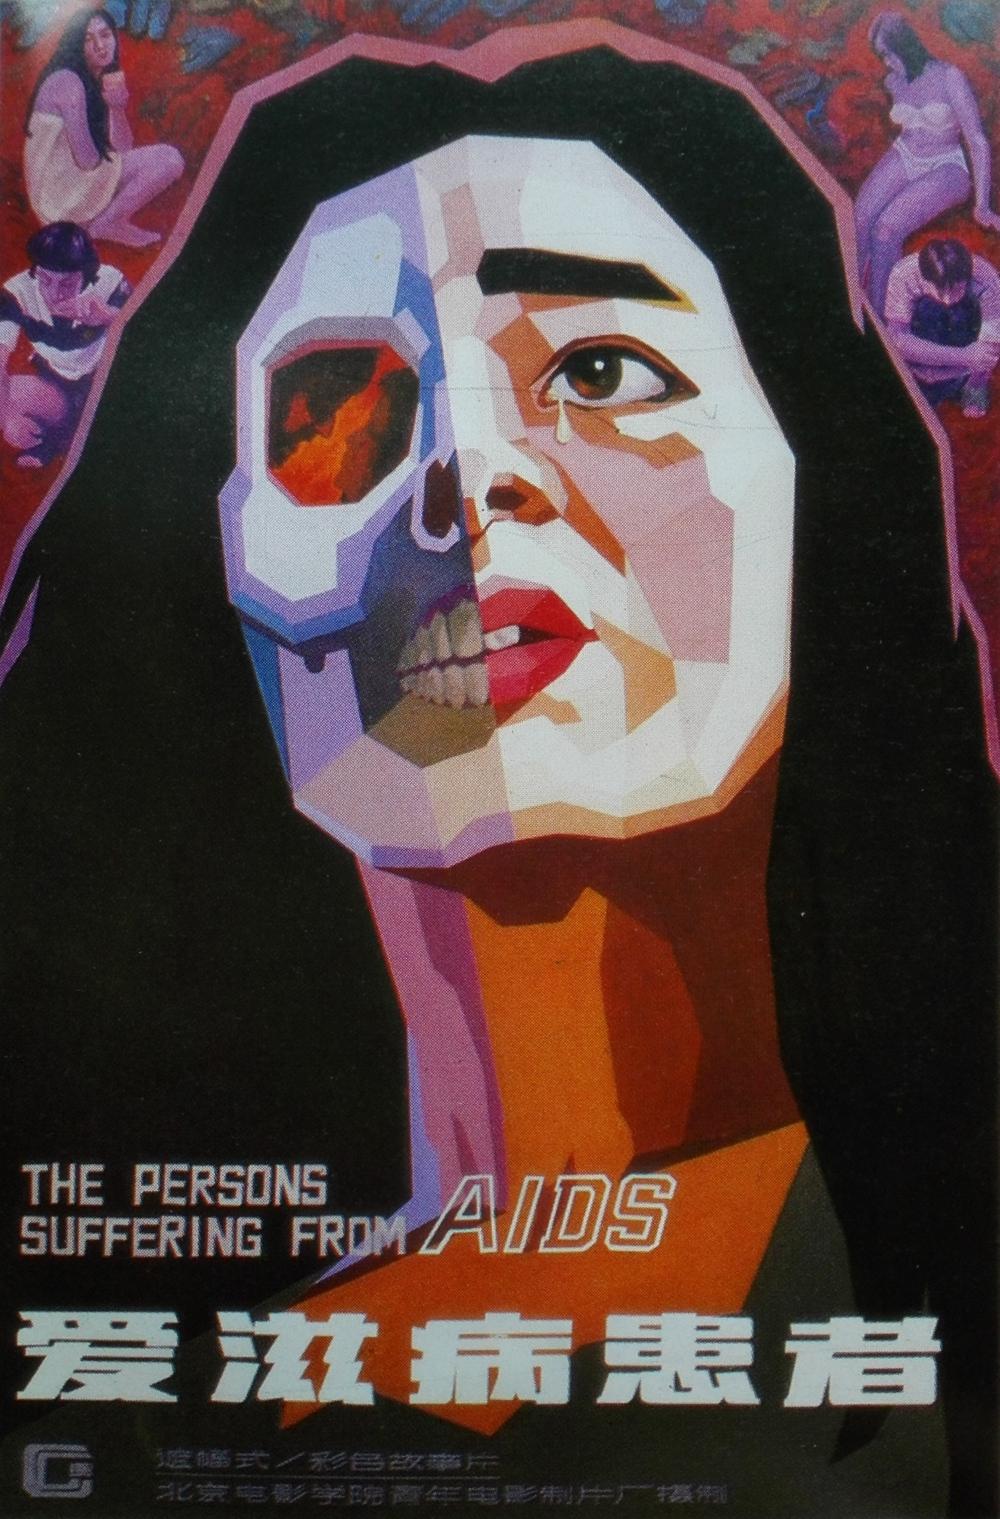 Ai zi bing huan zhe ((1988))